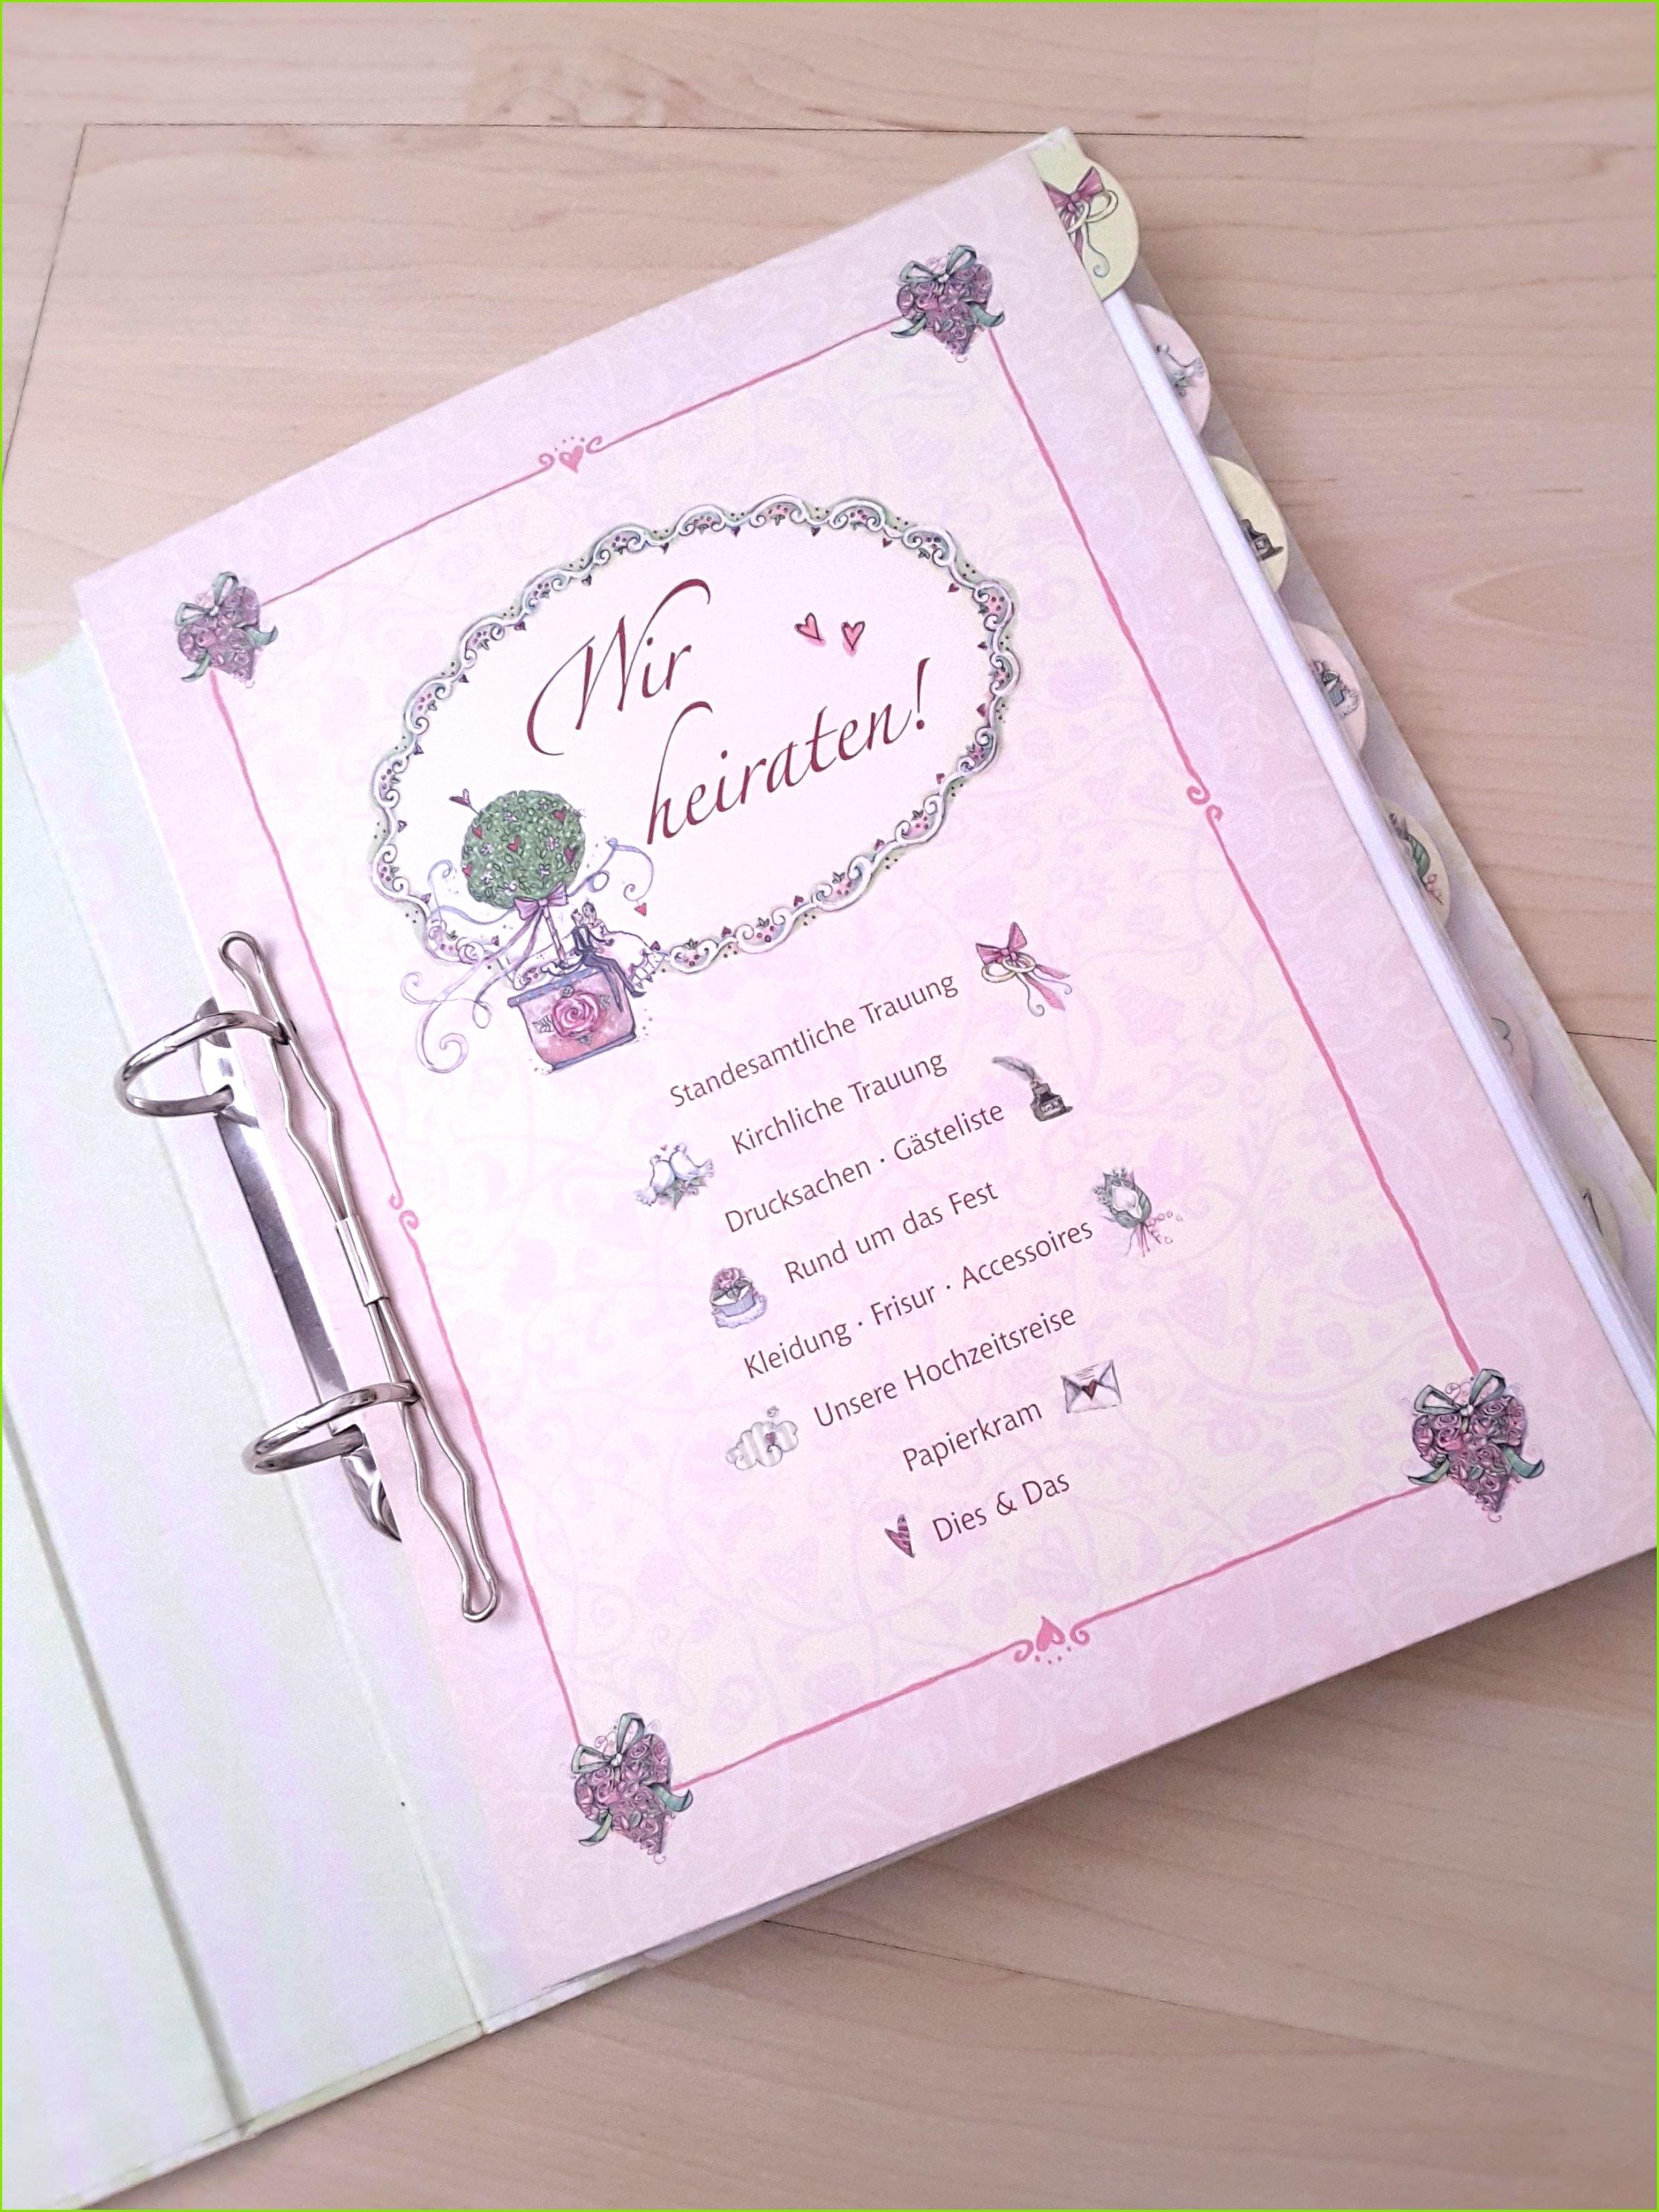 Stempel Einladung Goldene Hochzeit Karte Goldene Hochzeit Sammlungen Media Image 0d 59 82